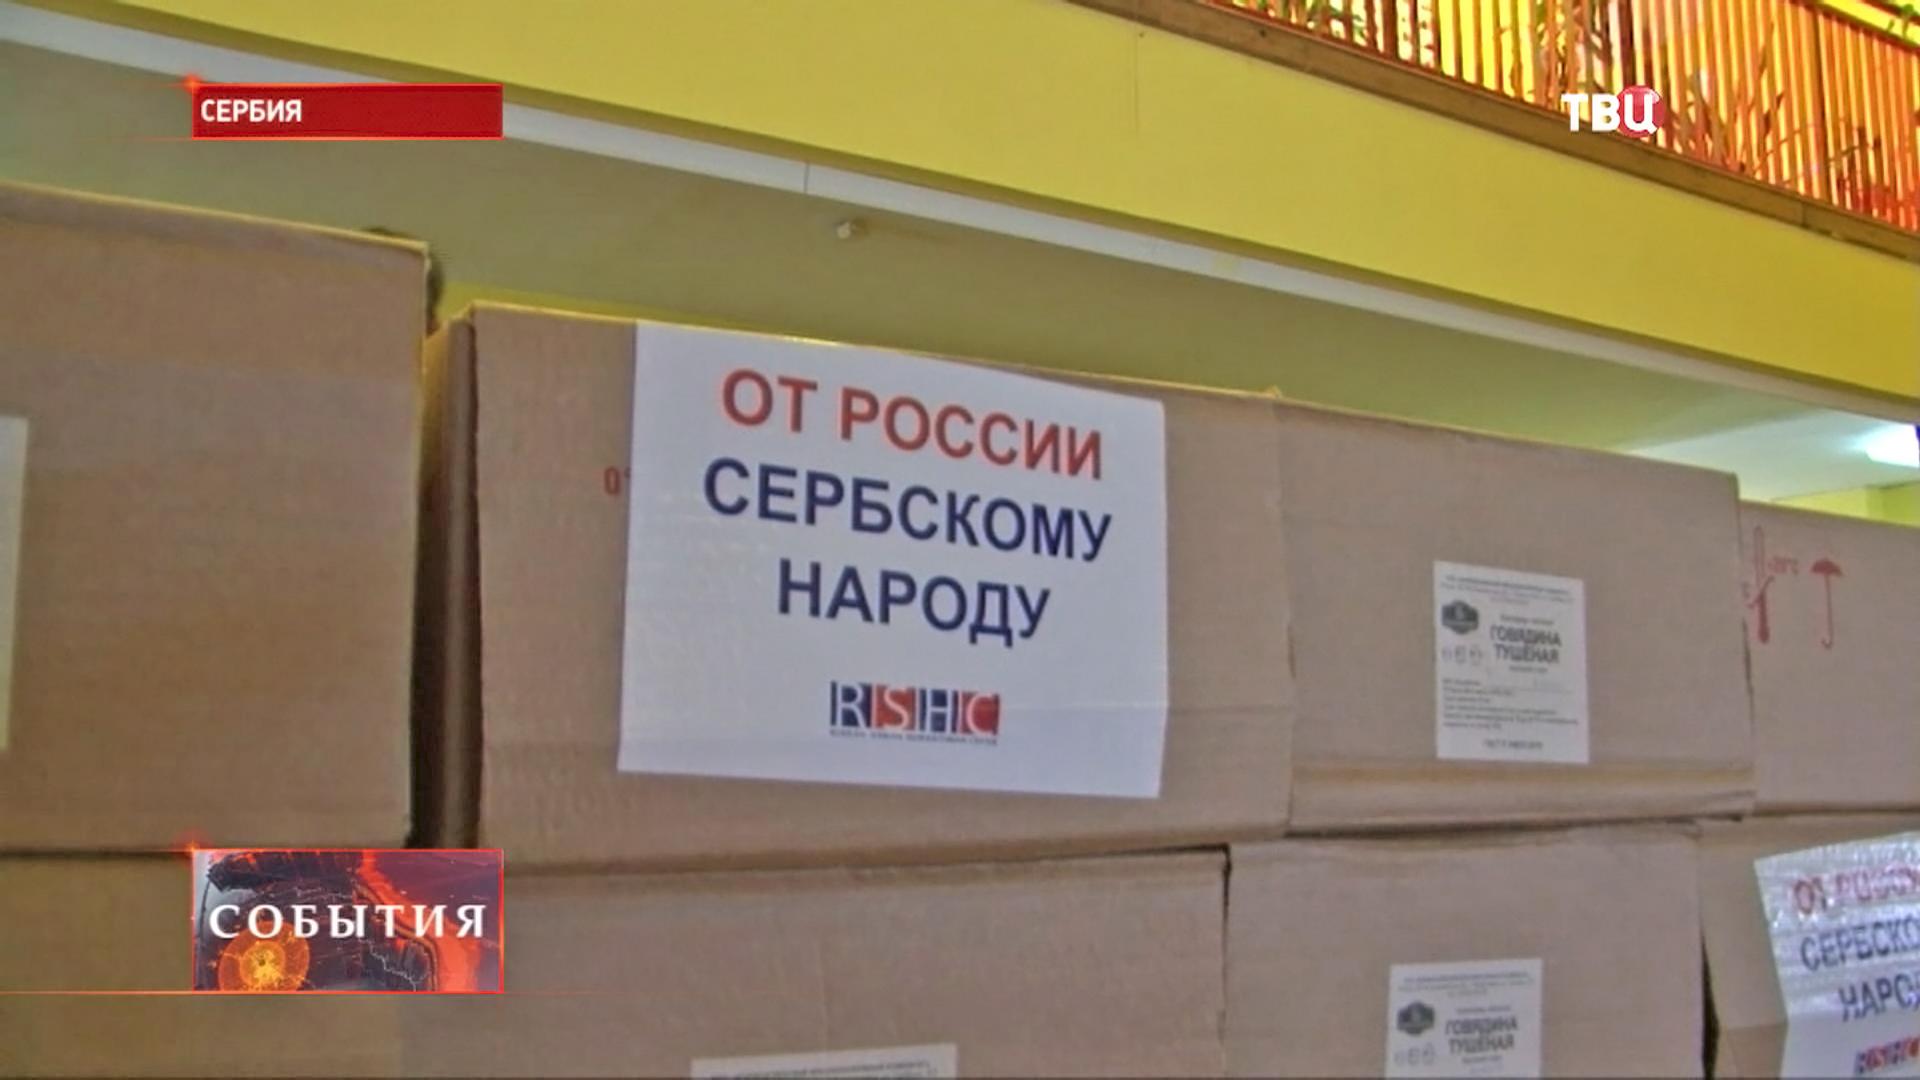 Гуманитарная помощь для Сербии